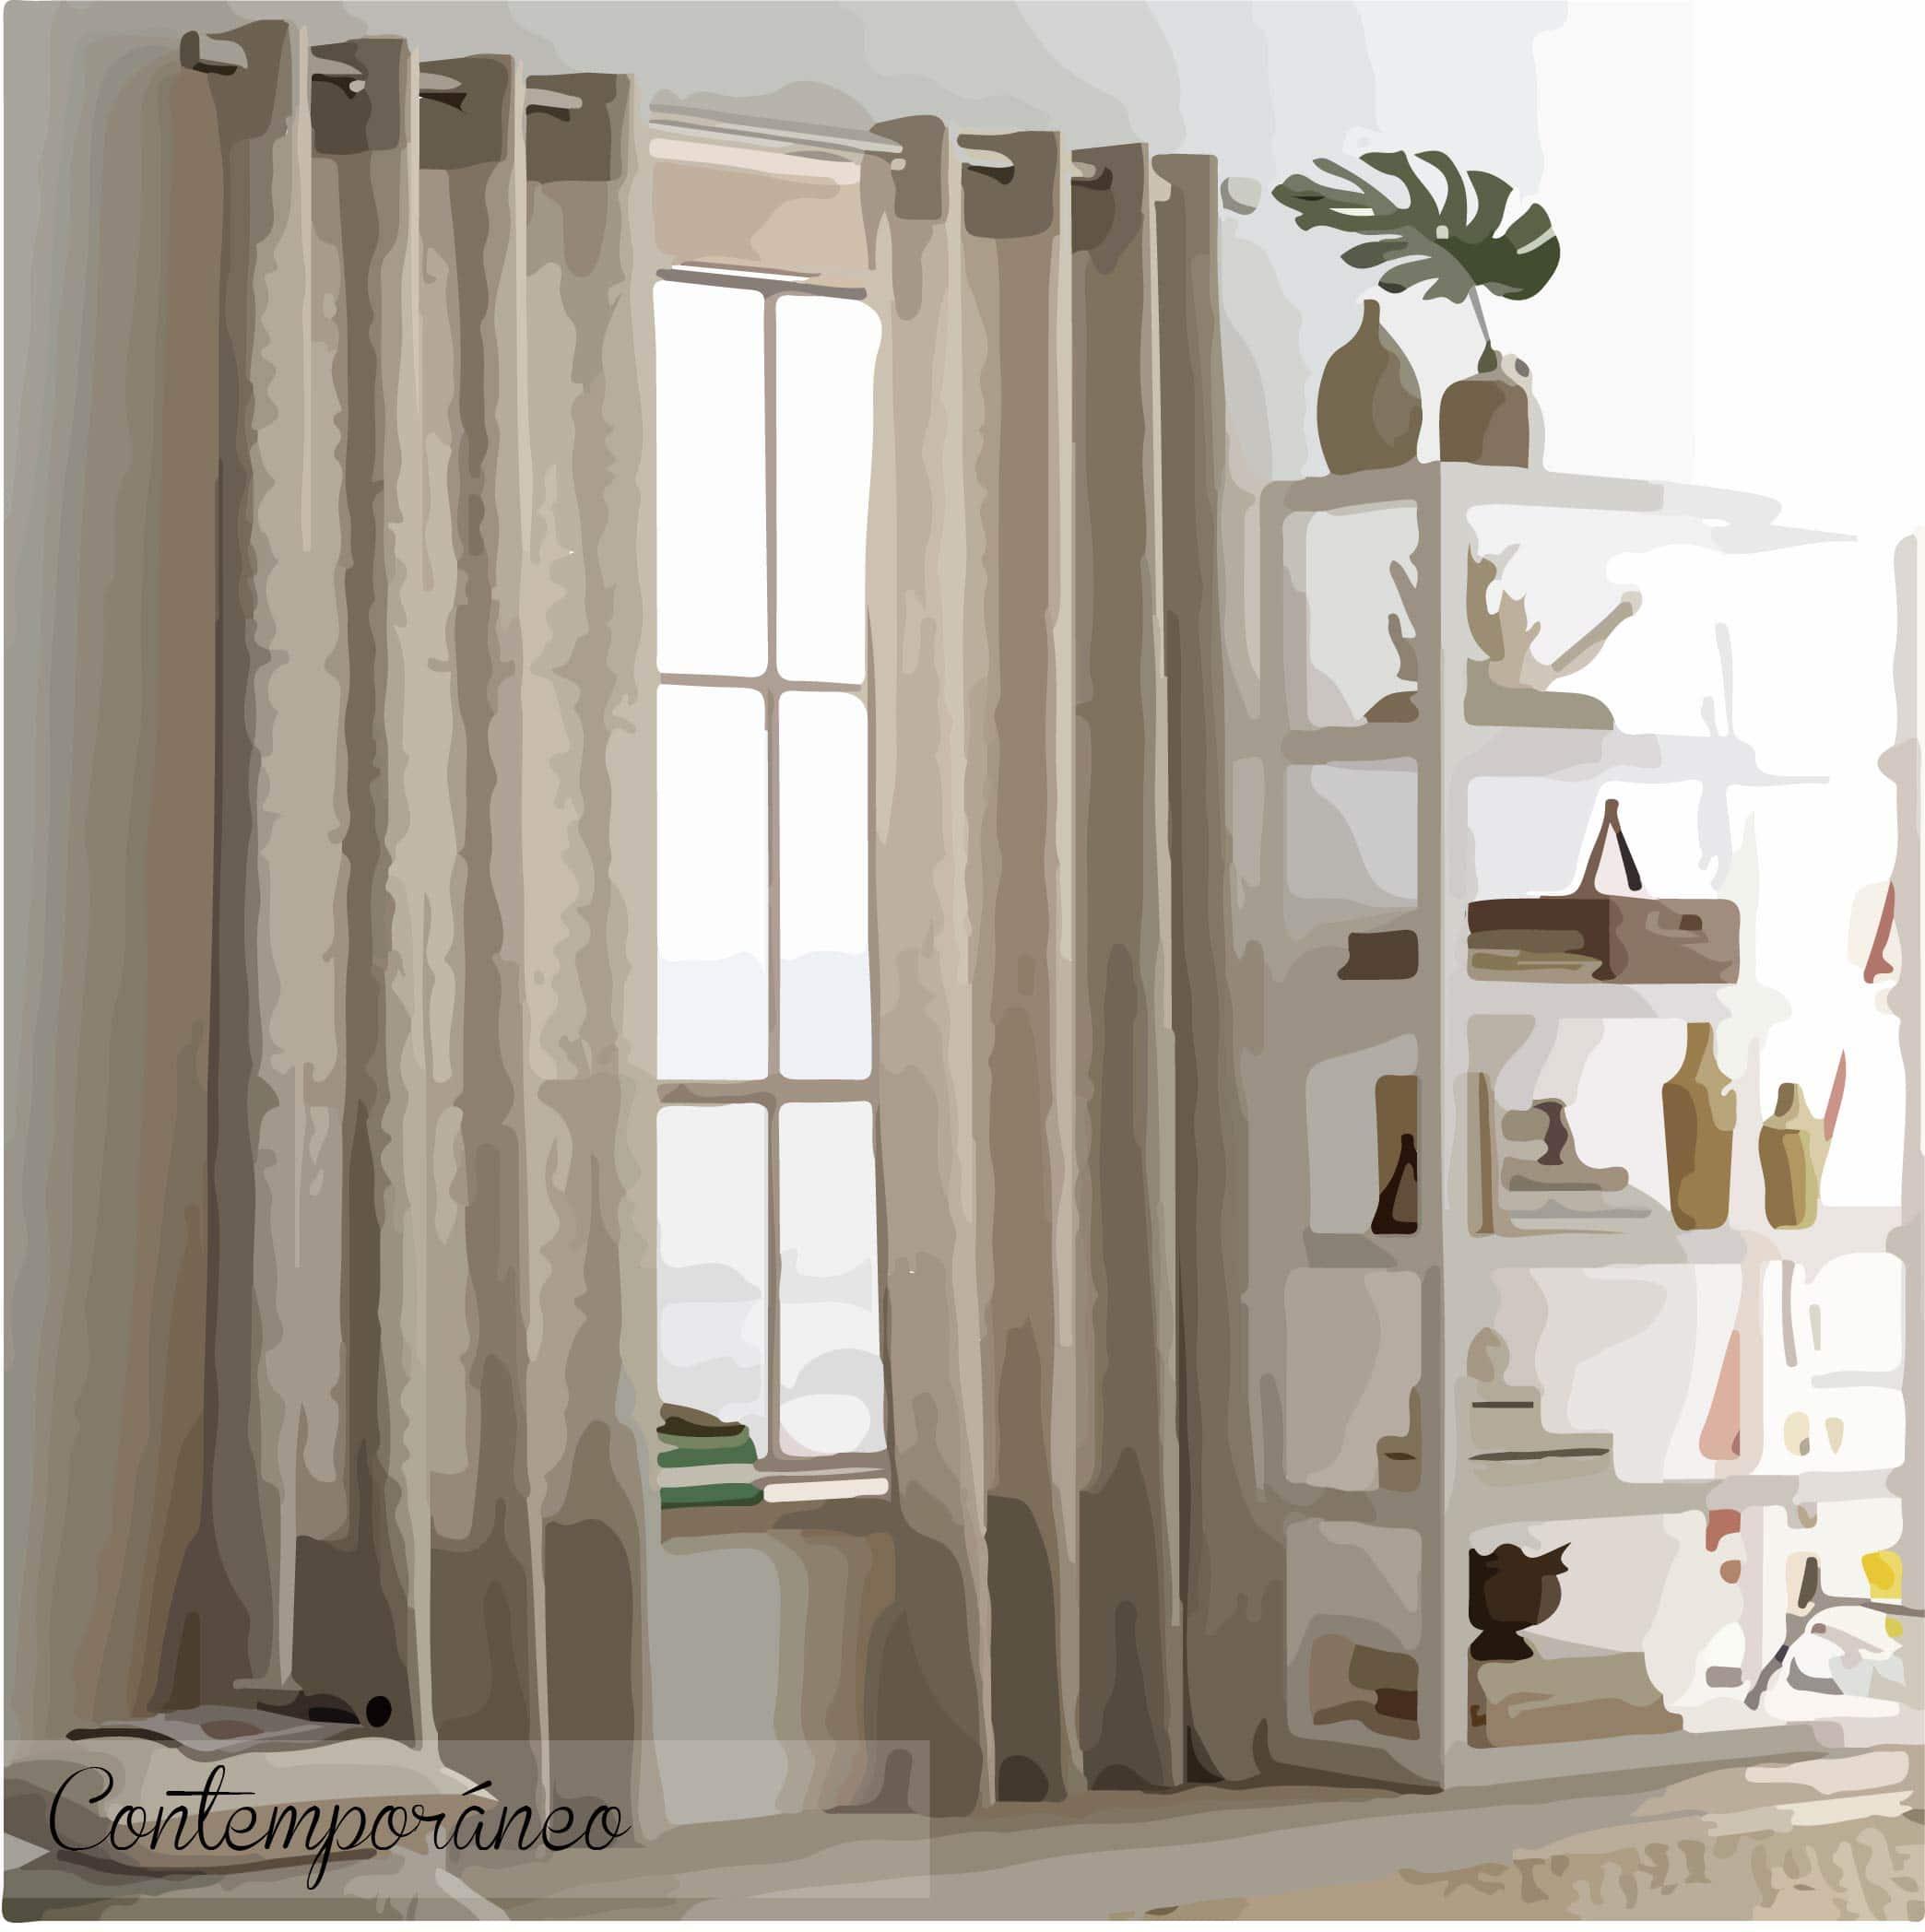 Las cortinas del siglo 21 lemonbe el color olor y - Moda en cortinas de salon ...